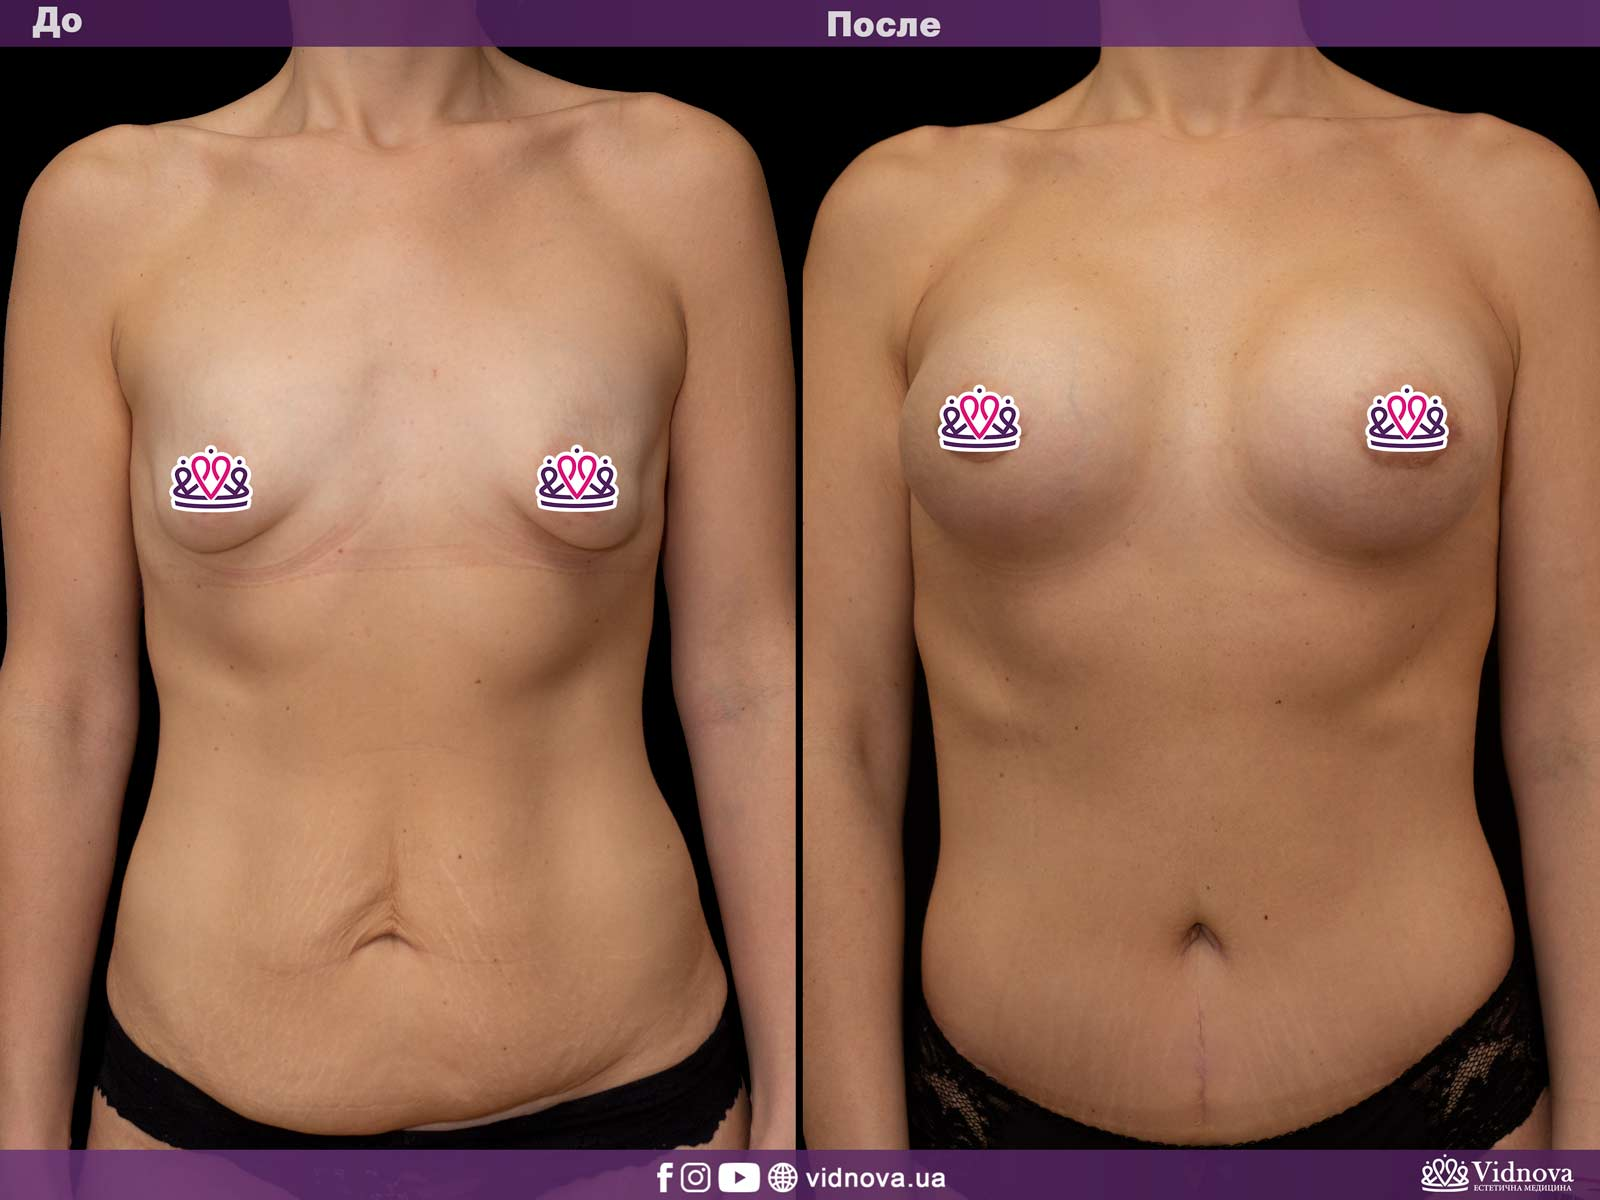 Совмещенные операции: Фото До и После - Пример №4-2 - Клиника Vidnova